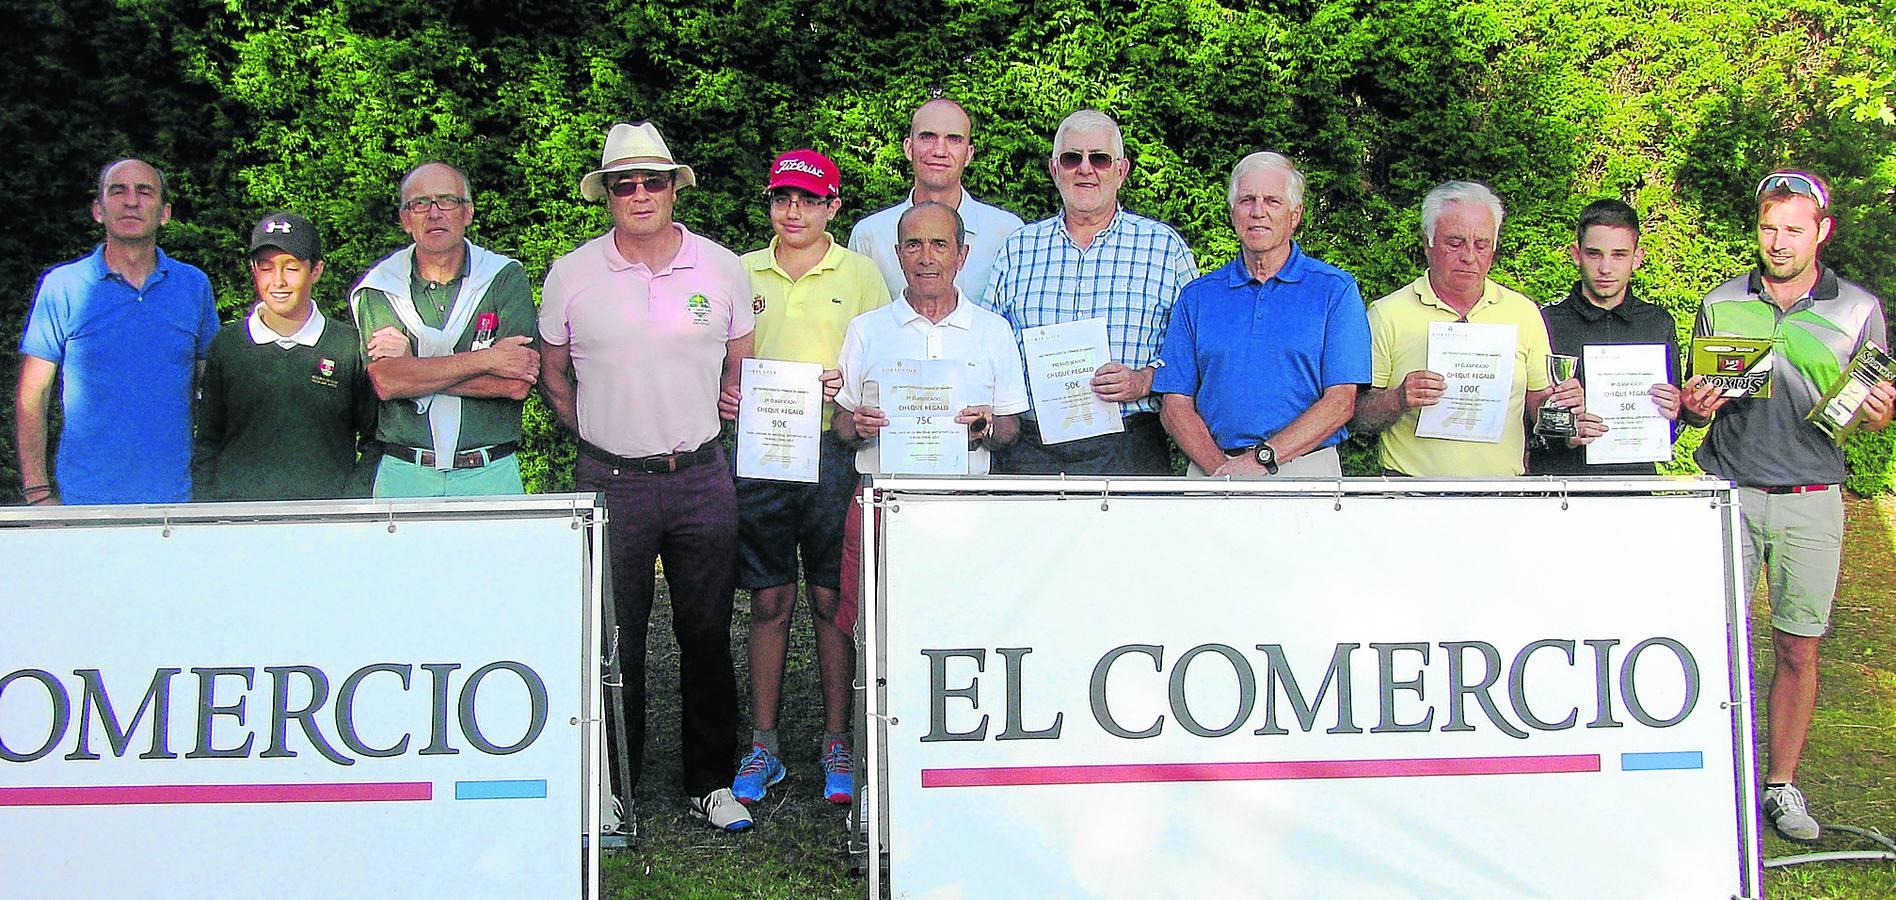 Trofeo de Golf El Comercio //Abanca: Cierro Grande (Tapia)